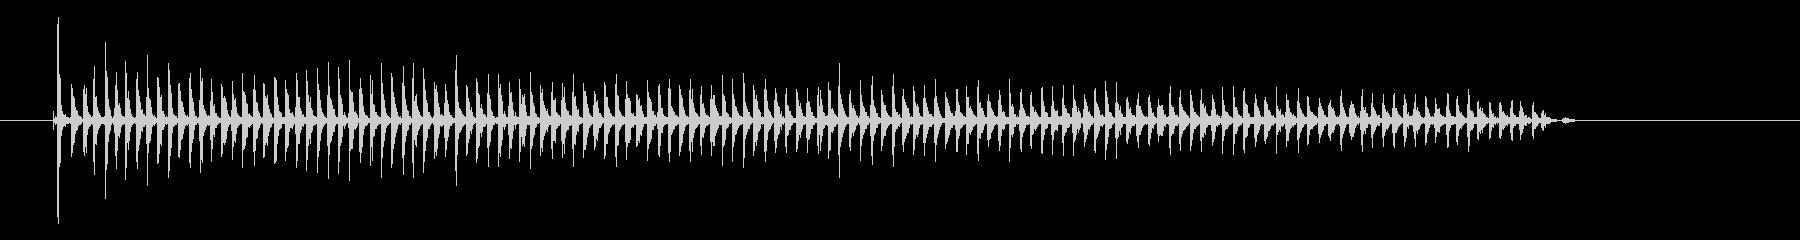 カアァァァーーの未再生の波形